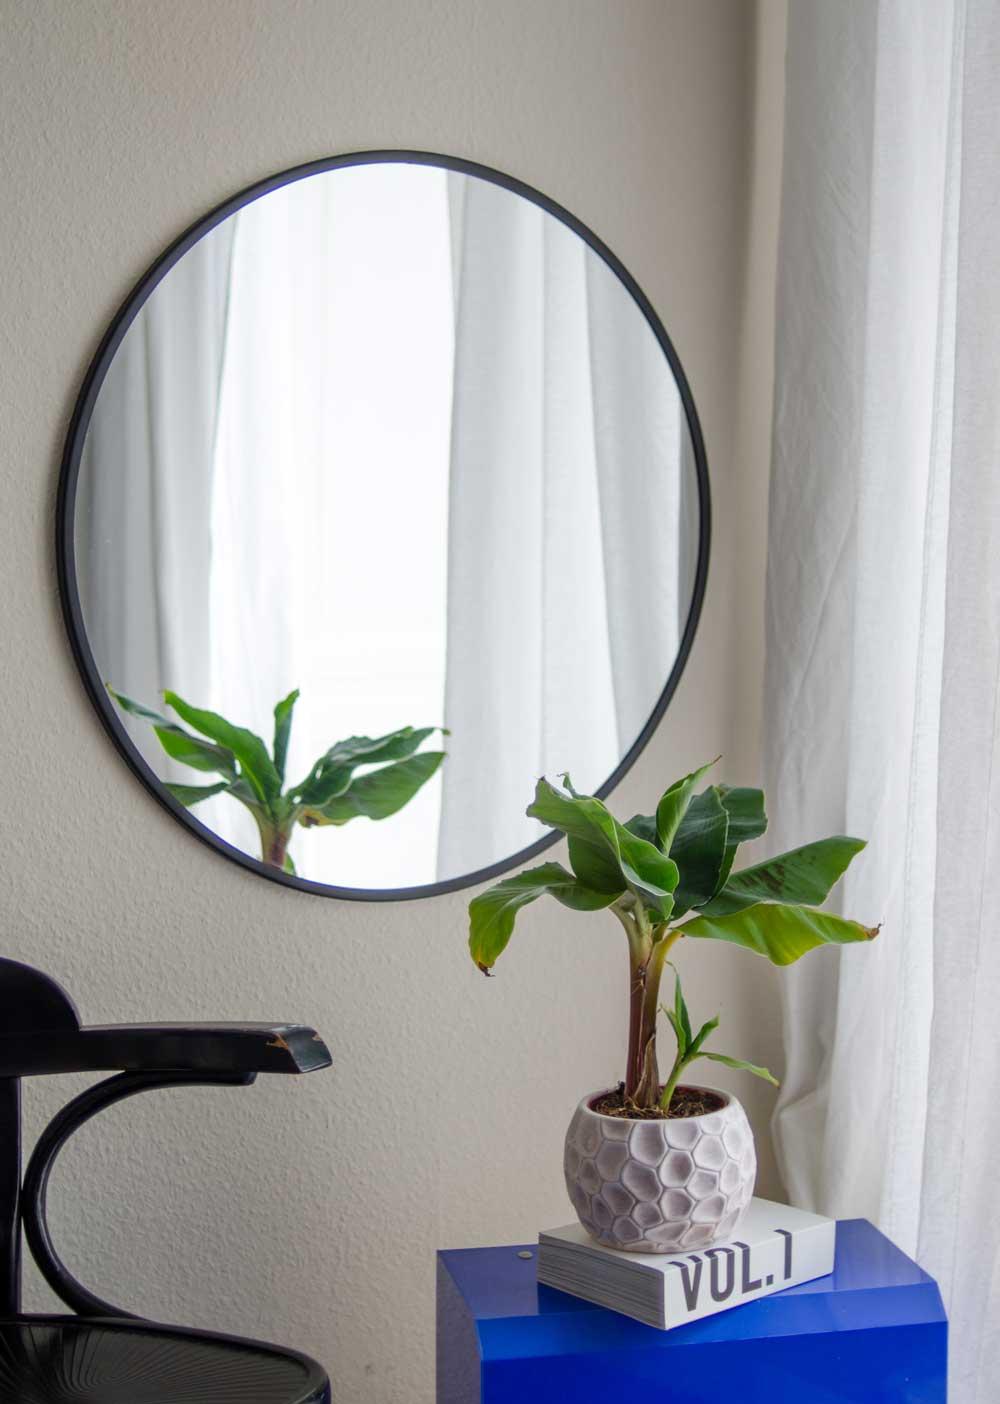 Bananenpflanze im Spiegel. hamburgvoninnen.de